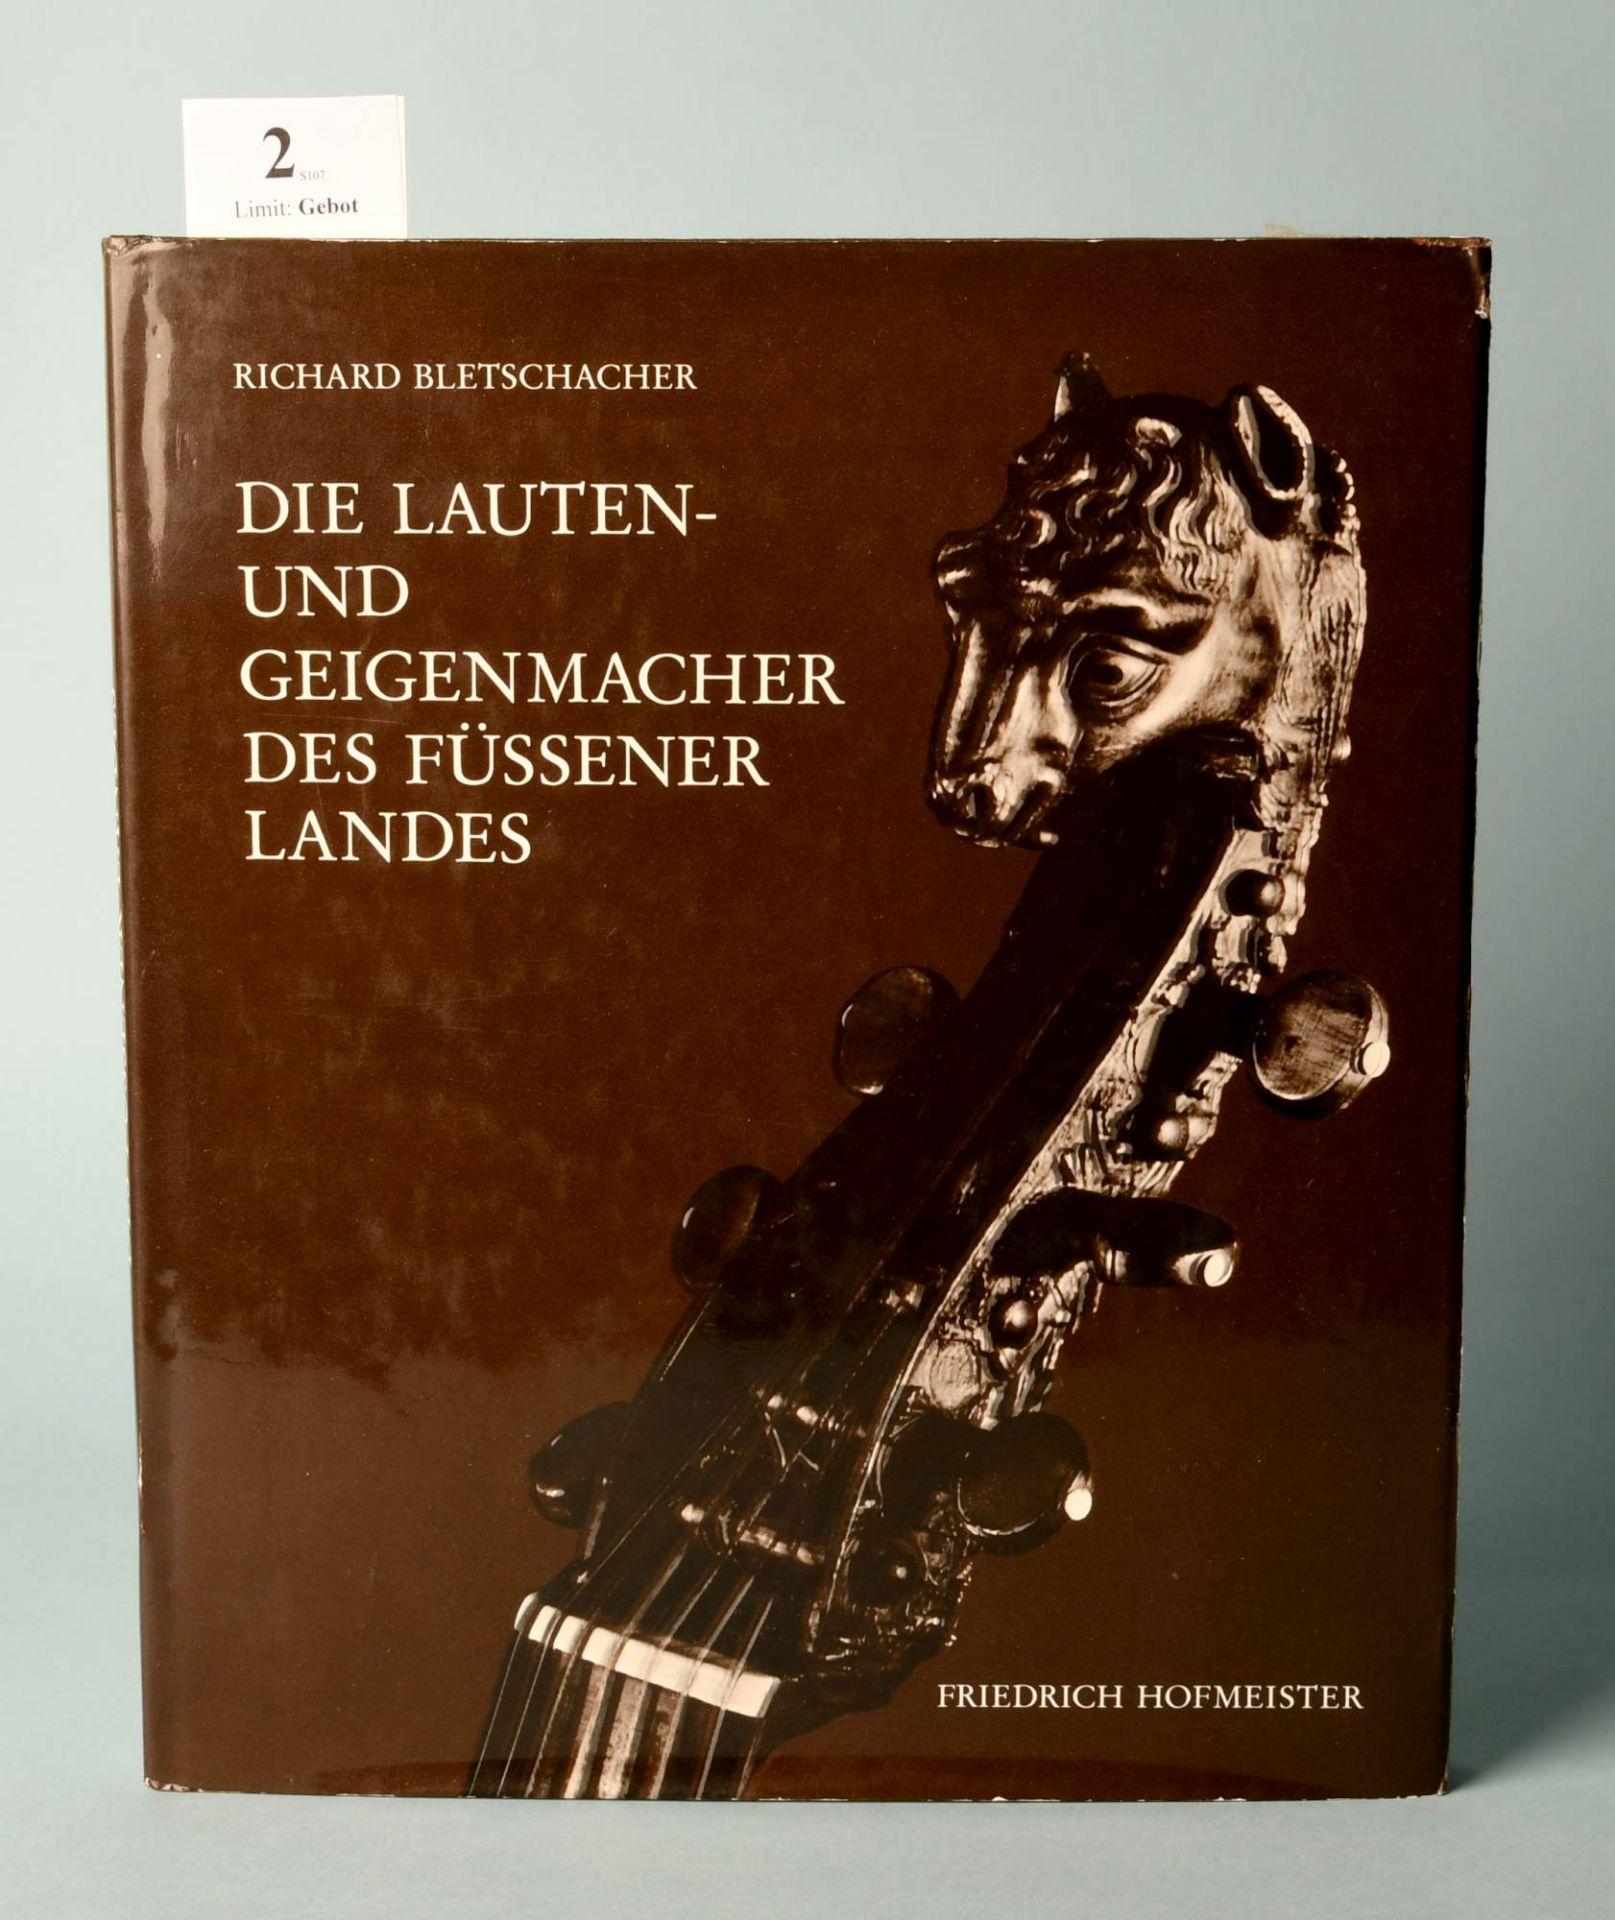 """Bletschacher, Richard """"Die Lauten- und Geigenmacher des..."""""""